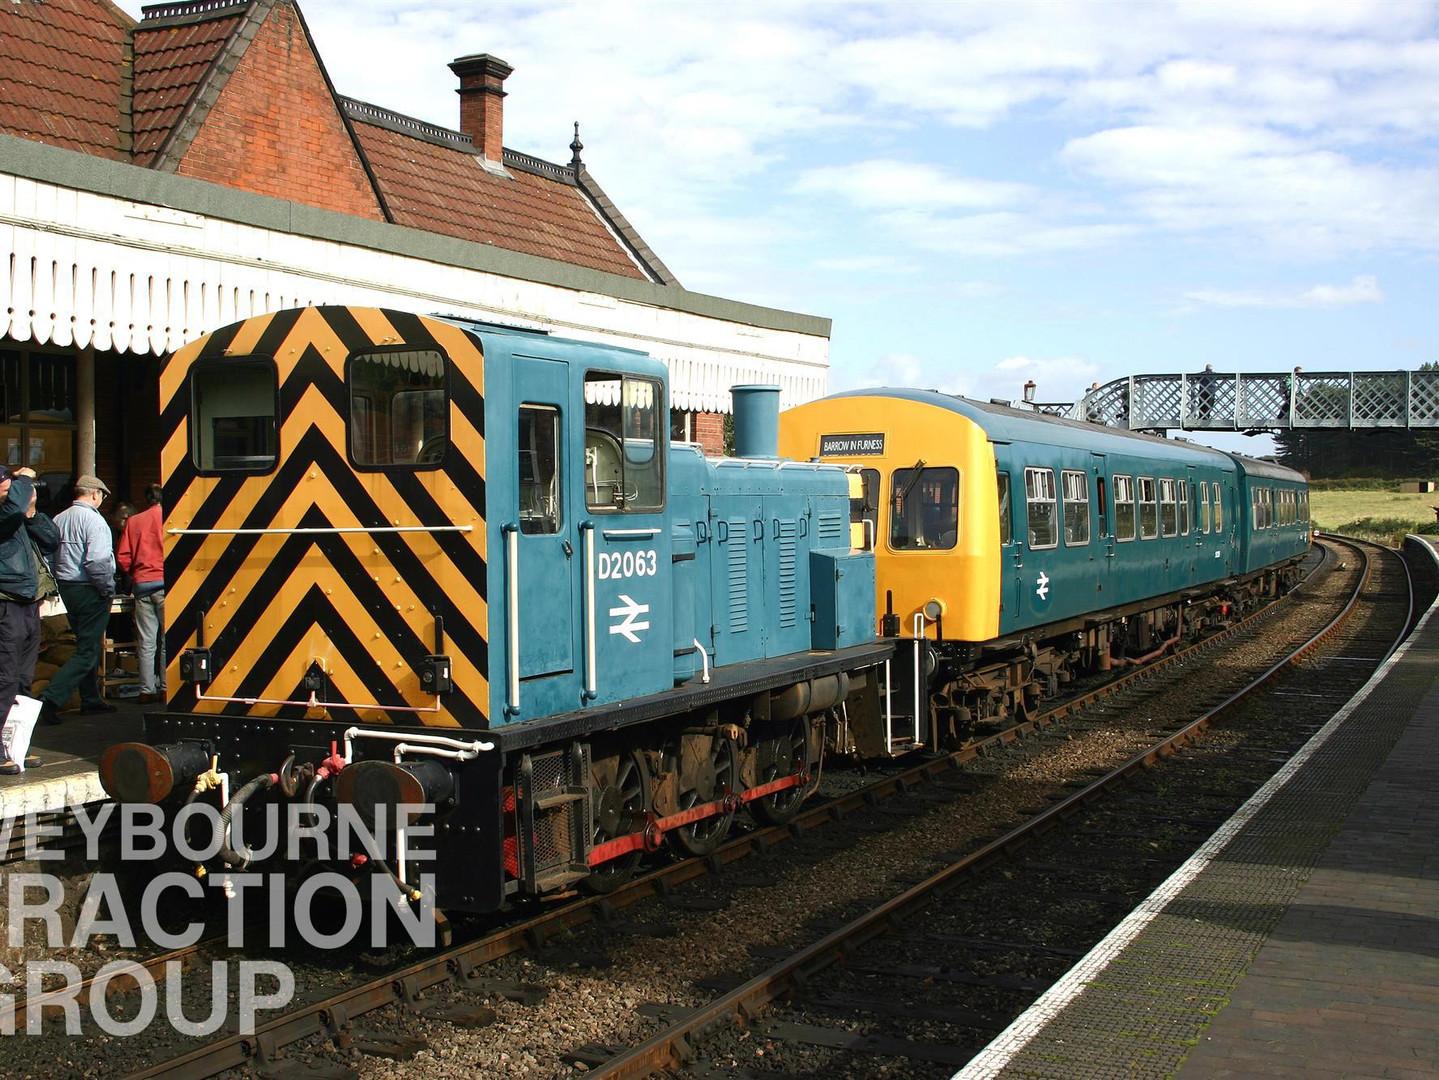 Class 03 D2063